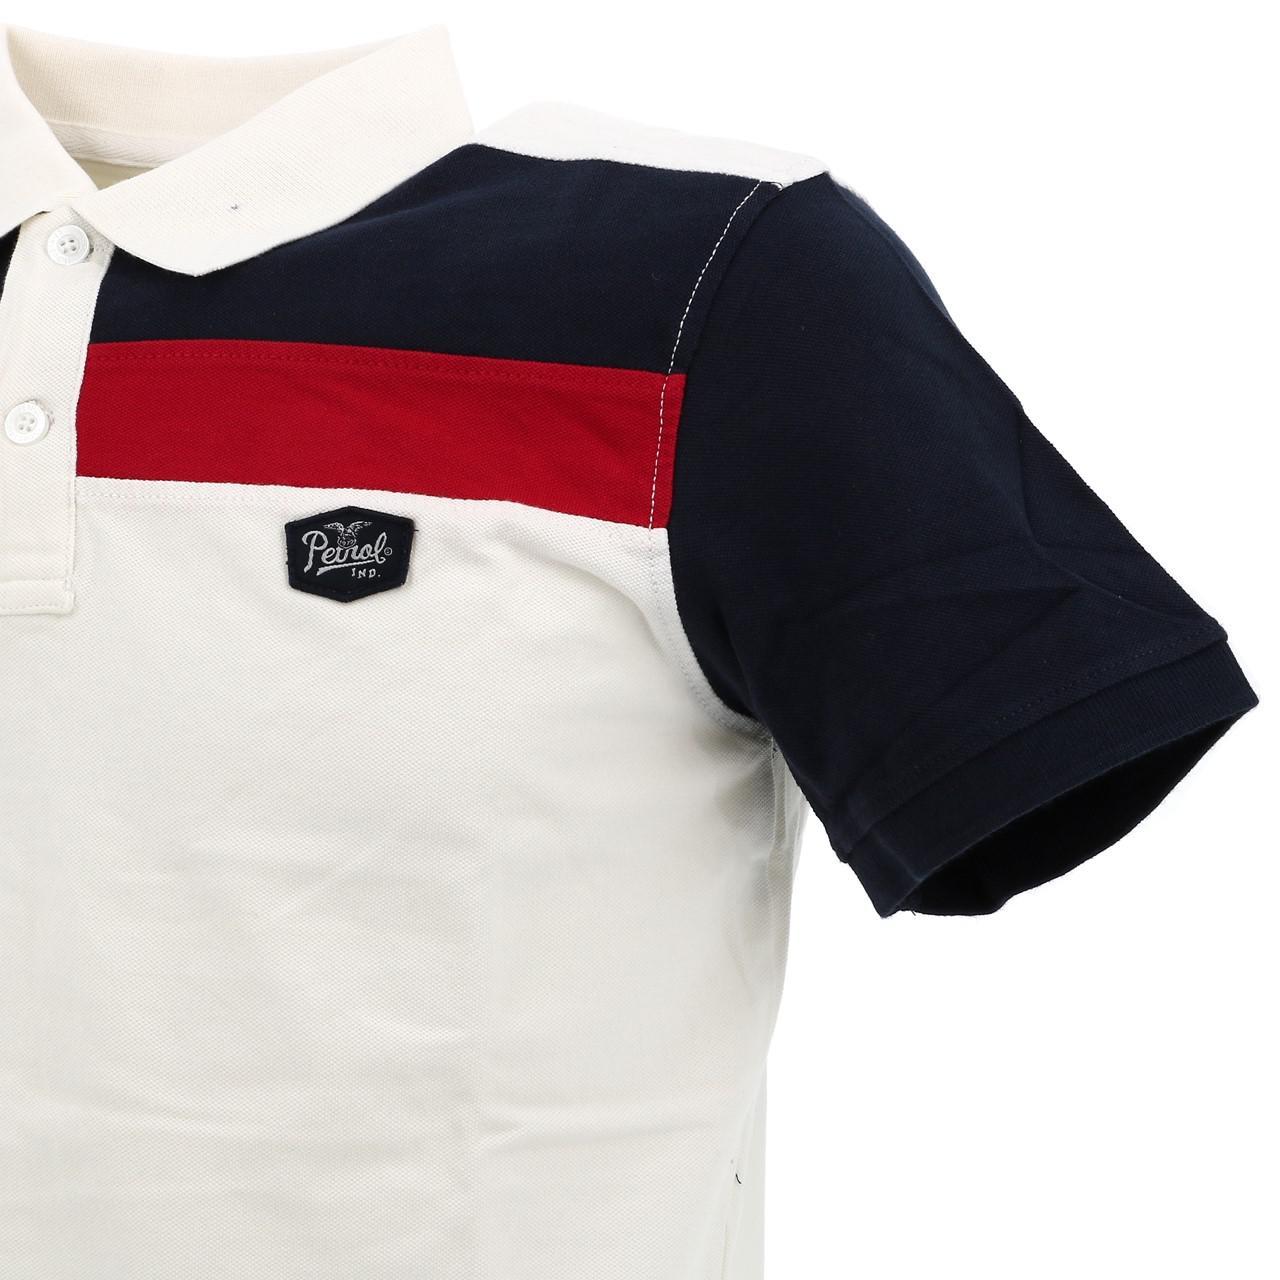 Short-Sleeve-Polo-Petrol-Industries-Pol916-White-Mc-Polo-White-18085-New thumbnail 3